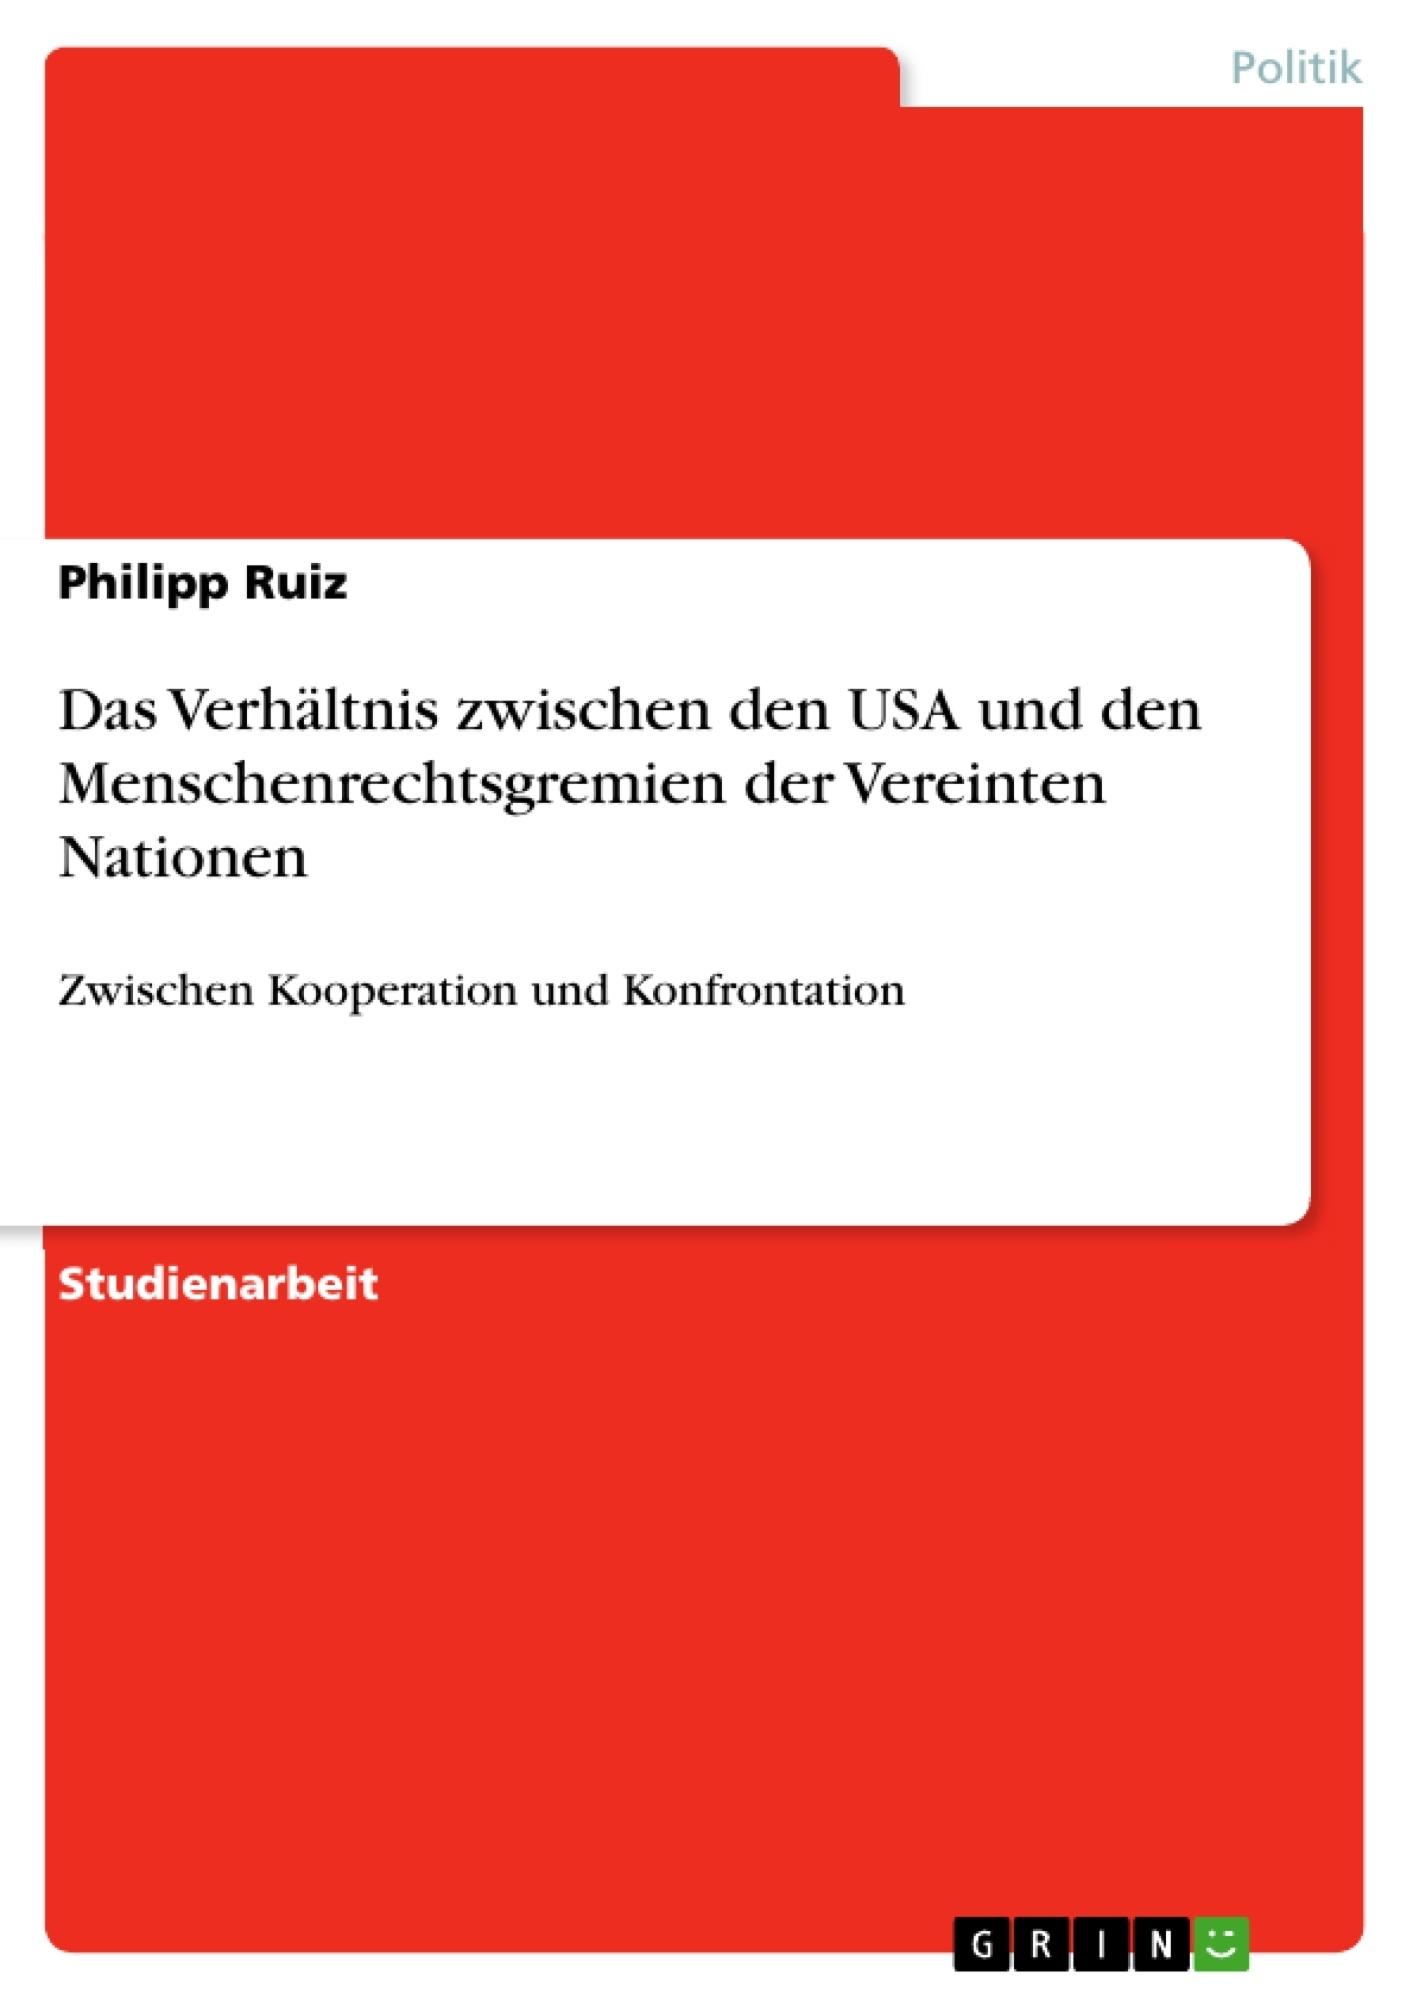 Titel: Das Verhältnis zwischen den USA und den Menschenrechtsgremien der Vereinten Nationen